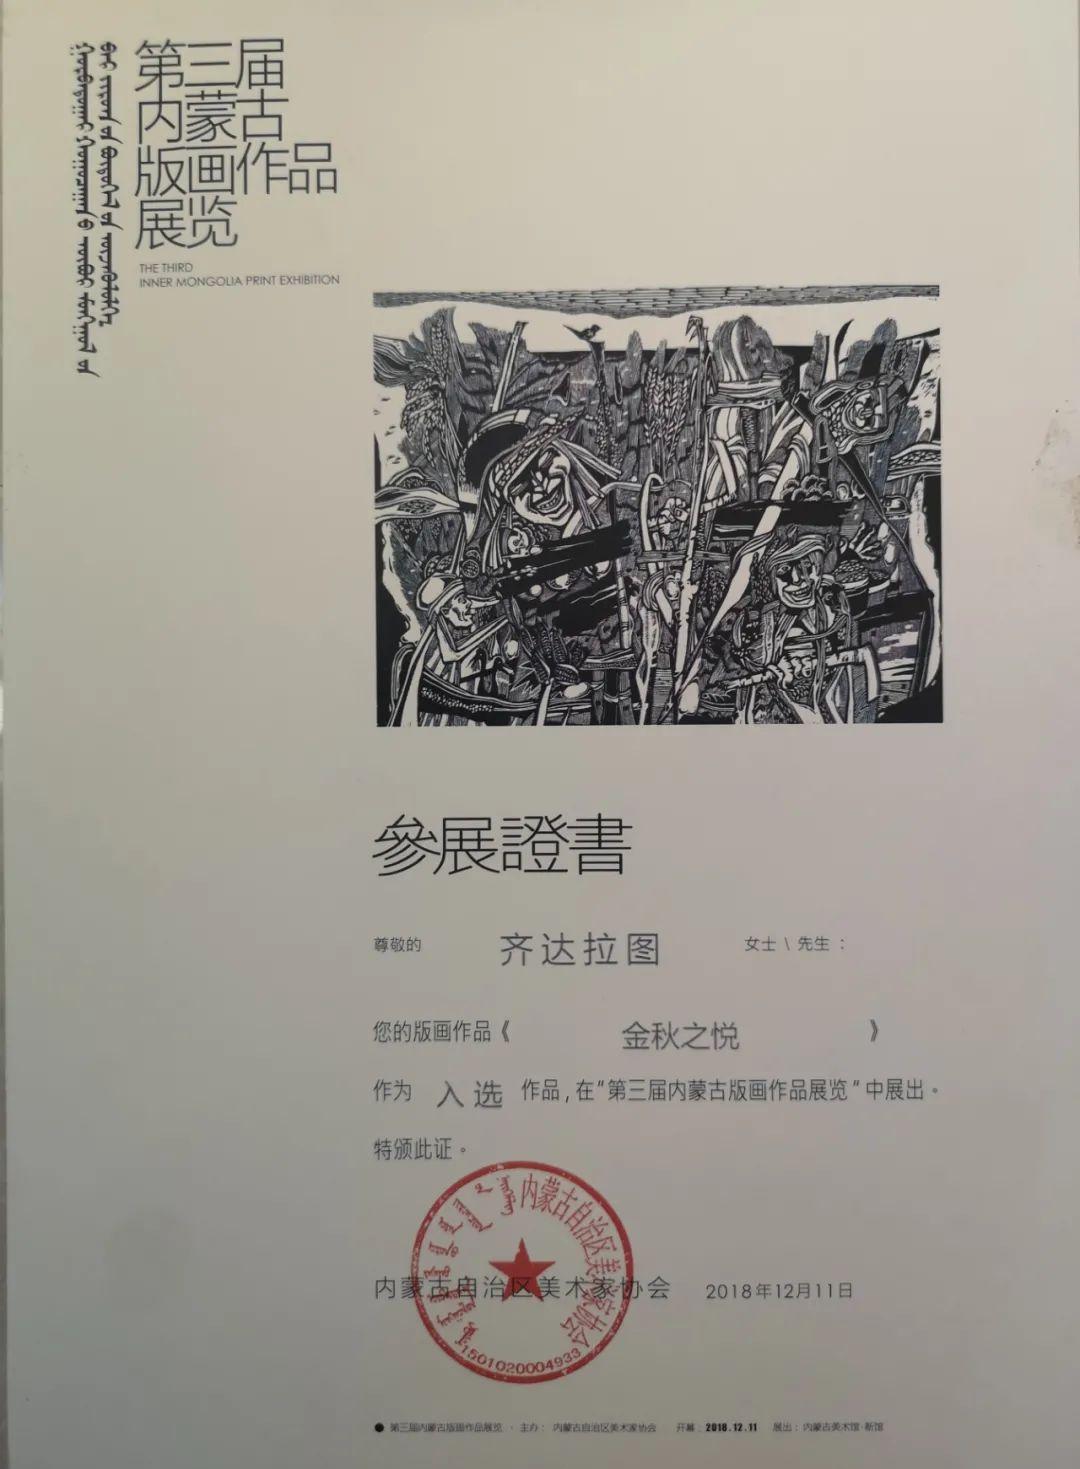 齐达拉图与版画 第21张 齐达拉图与版画 蒙古画廊